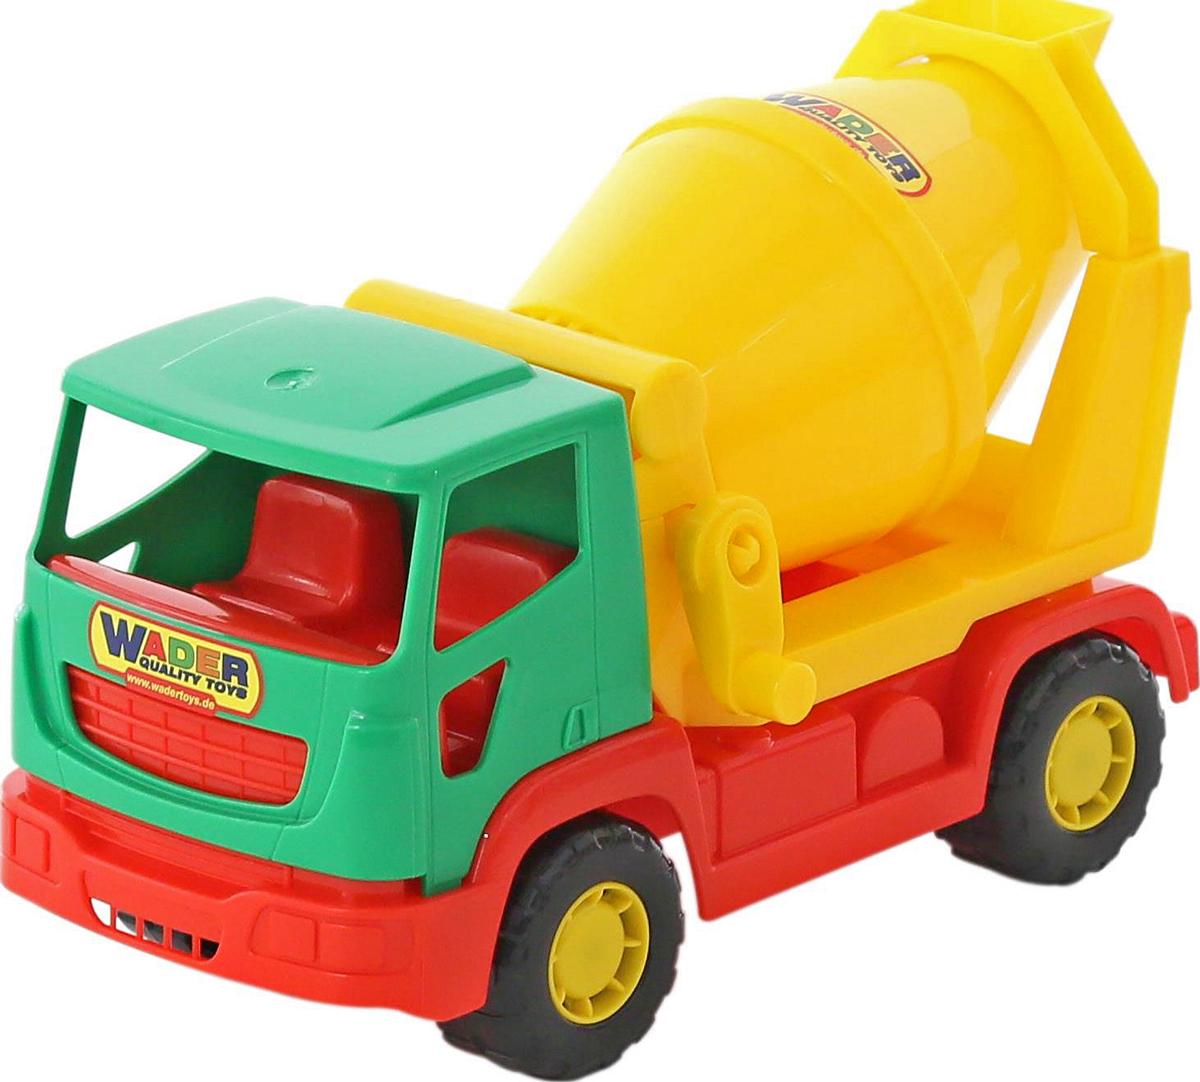 Полесье Бетоновоз Агат, цвет в ассортименте игрушка полесье агат 56429